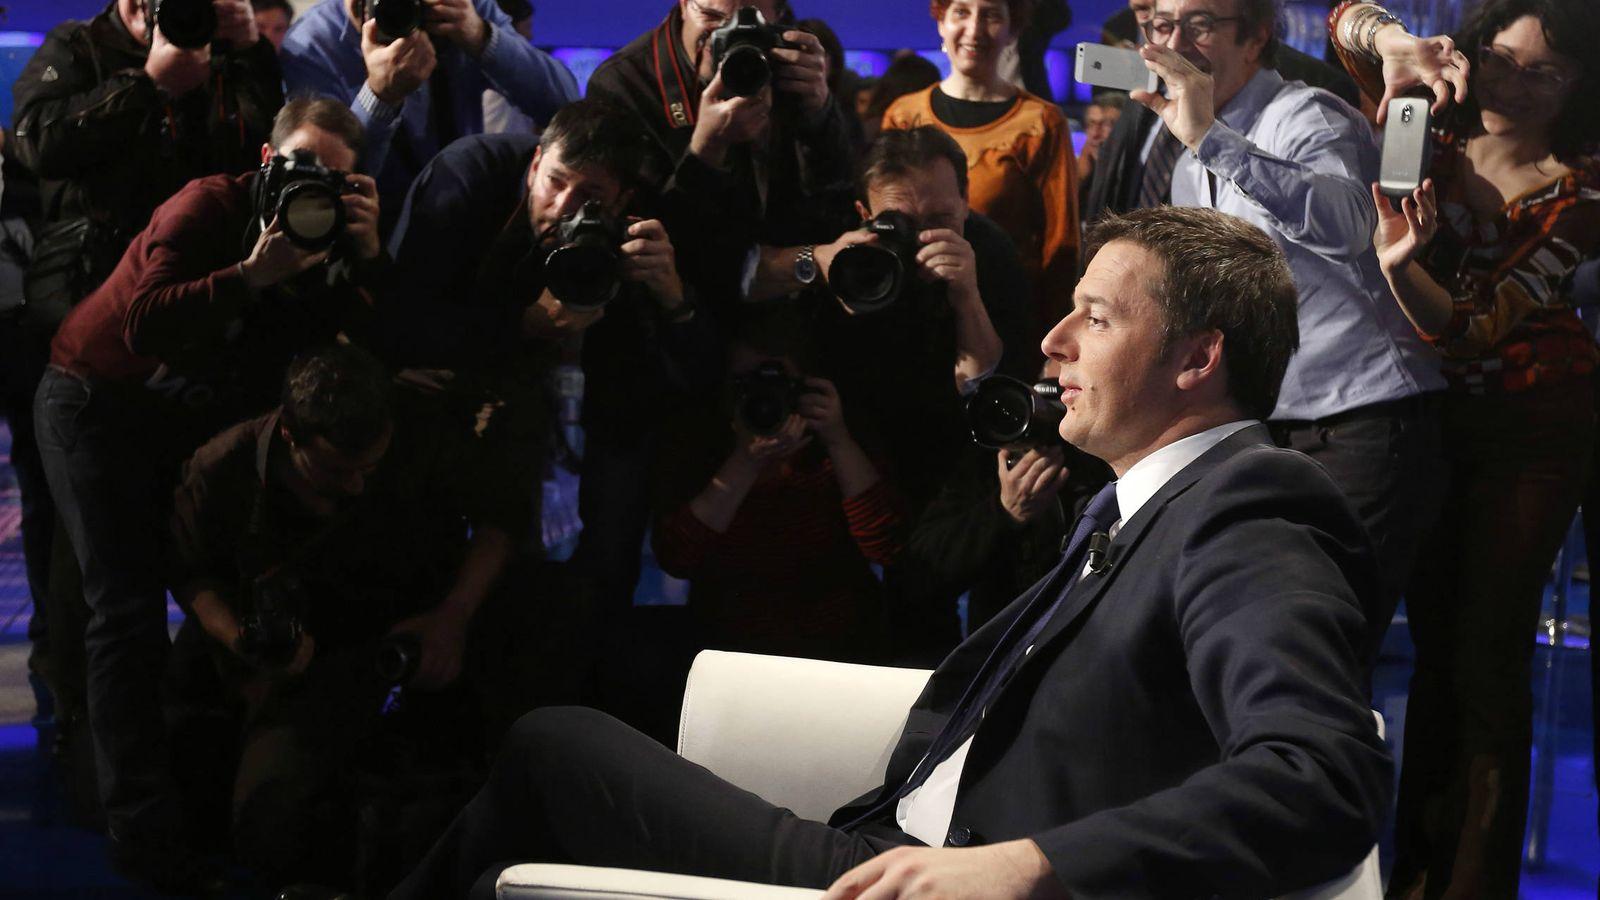 Foto: El primer ministro italiano, Matteo Renzi, durante una entrevista en un programa de televisión (Reuters).